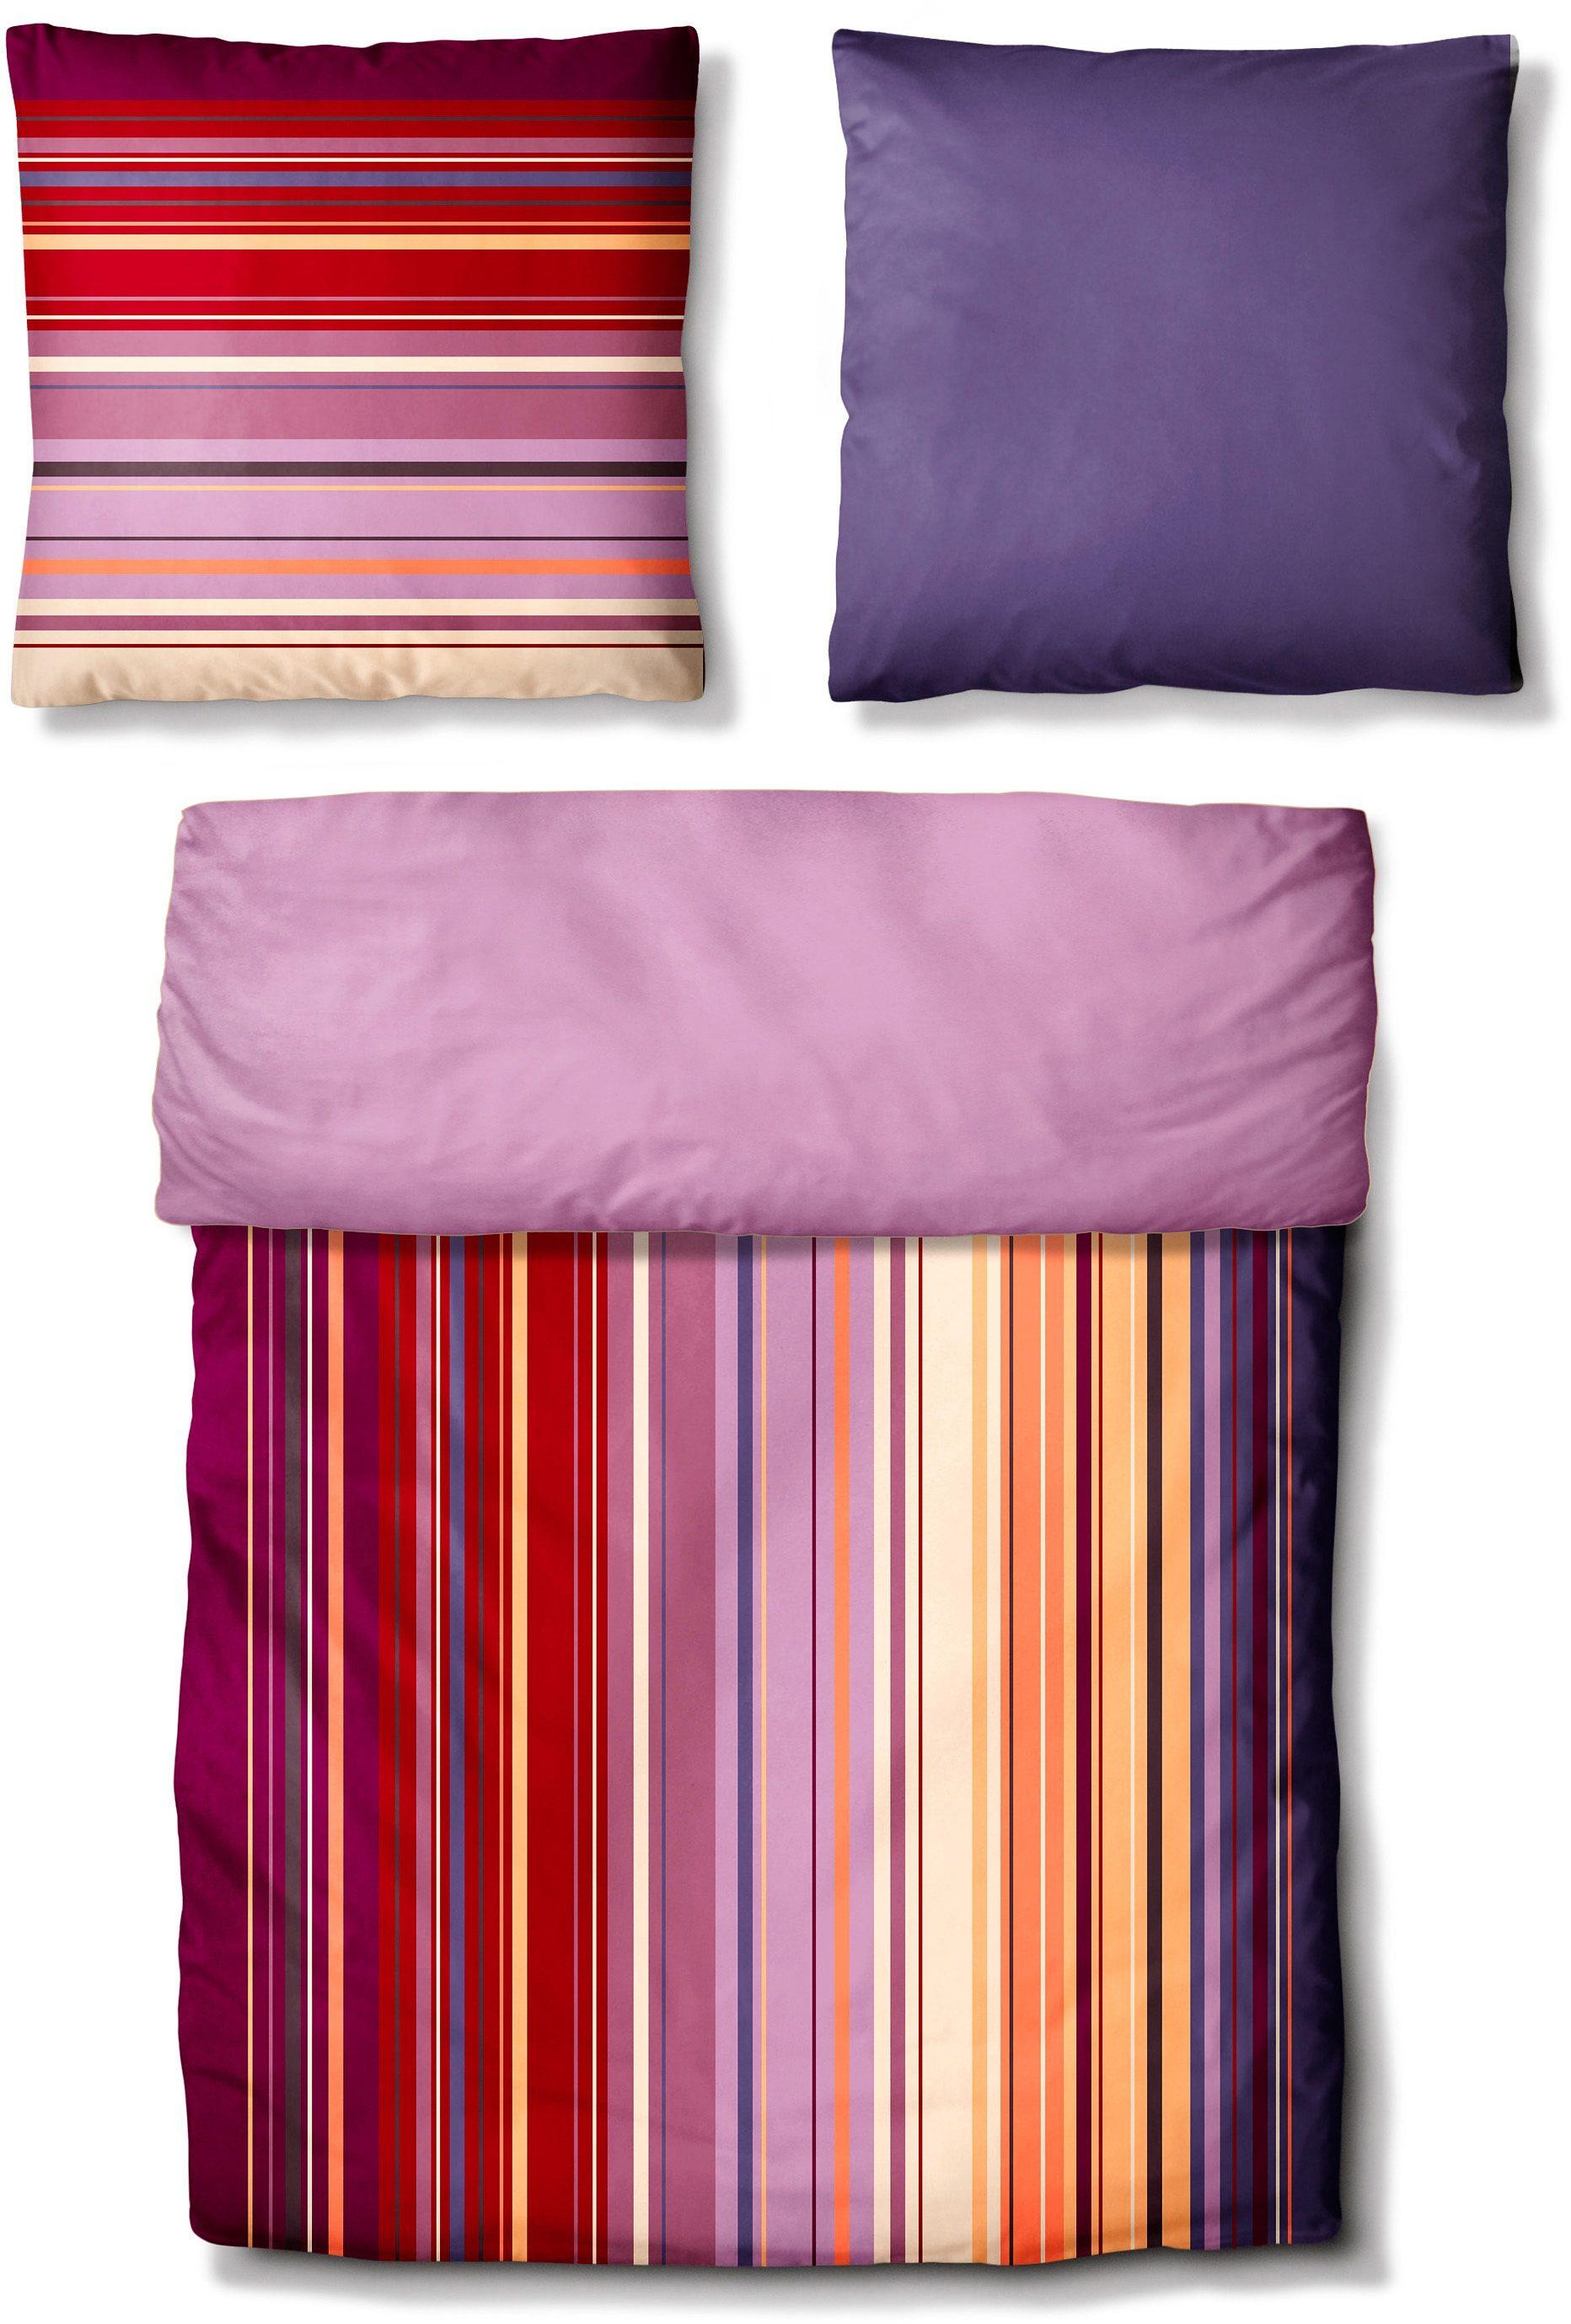 Bettwäsche, Auro Hometextile, »Casual Range«, in harmonischen Farben